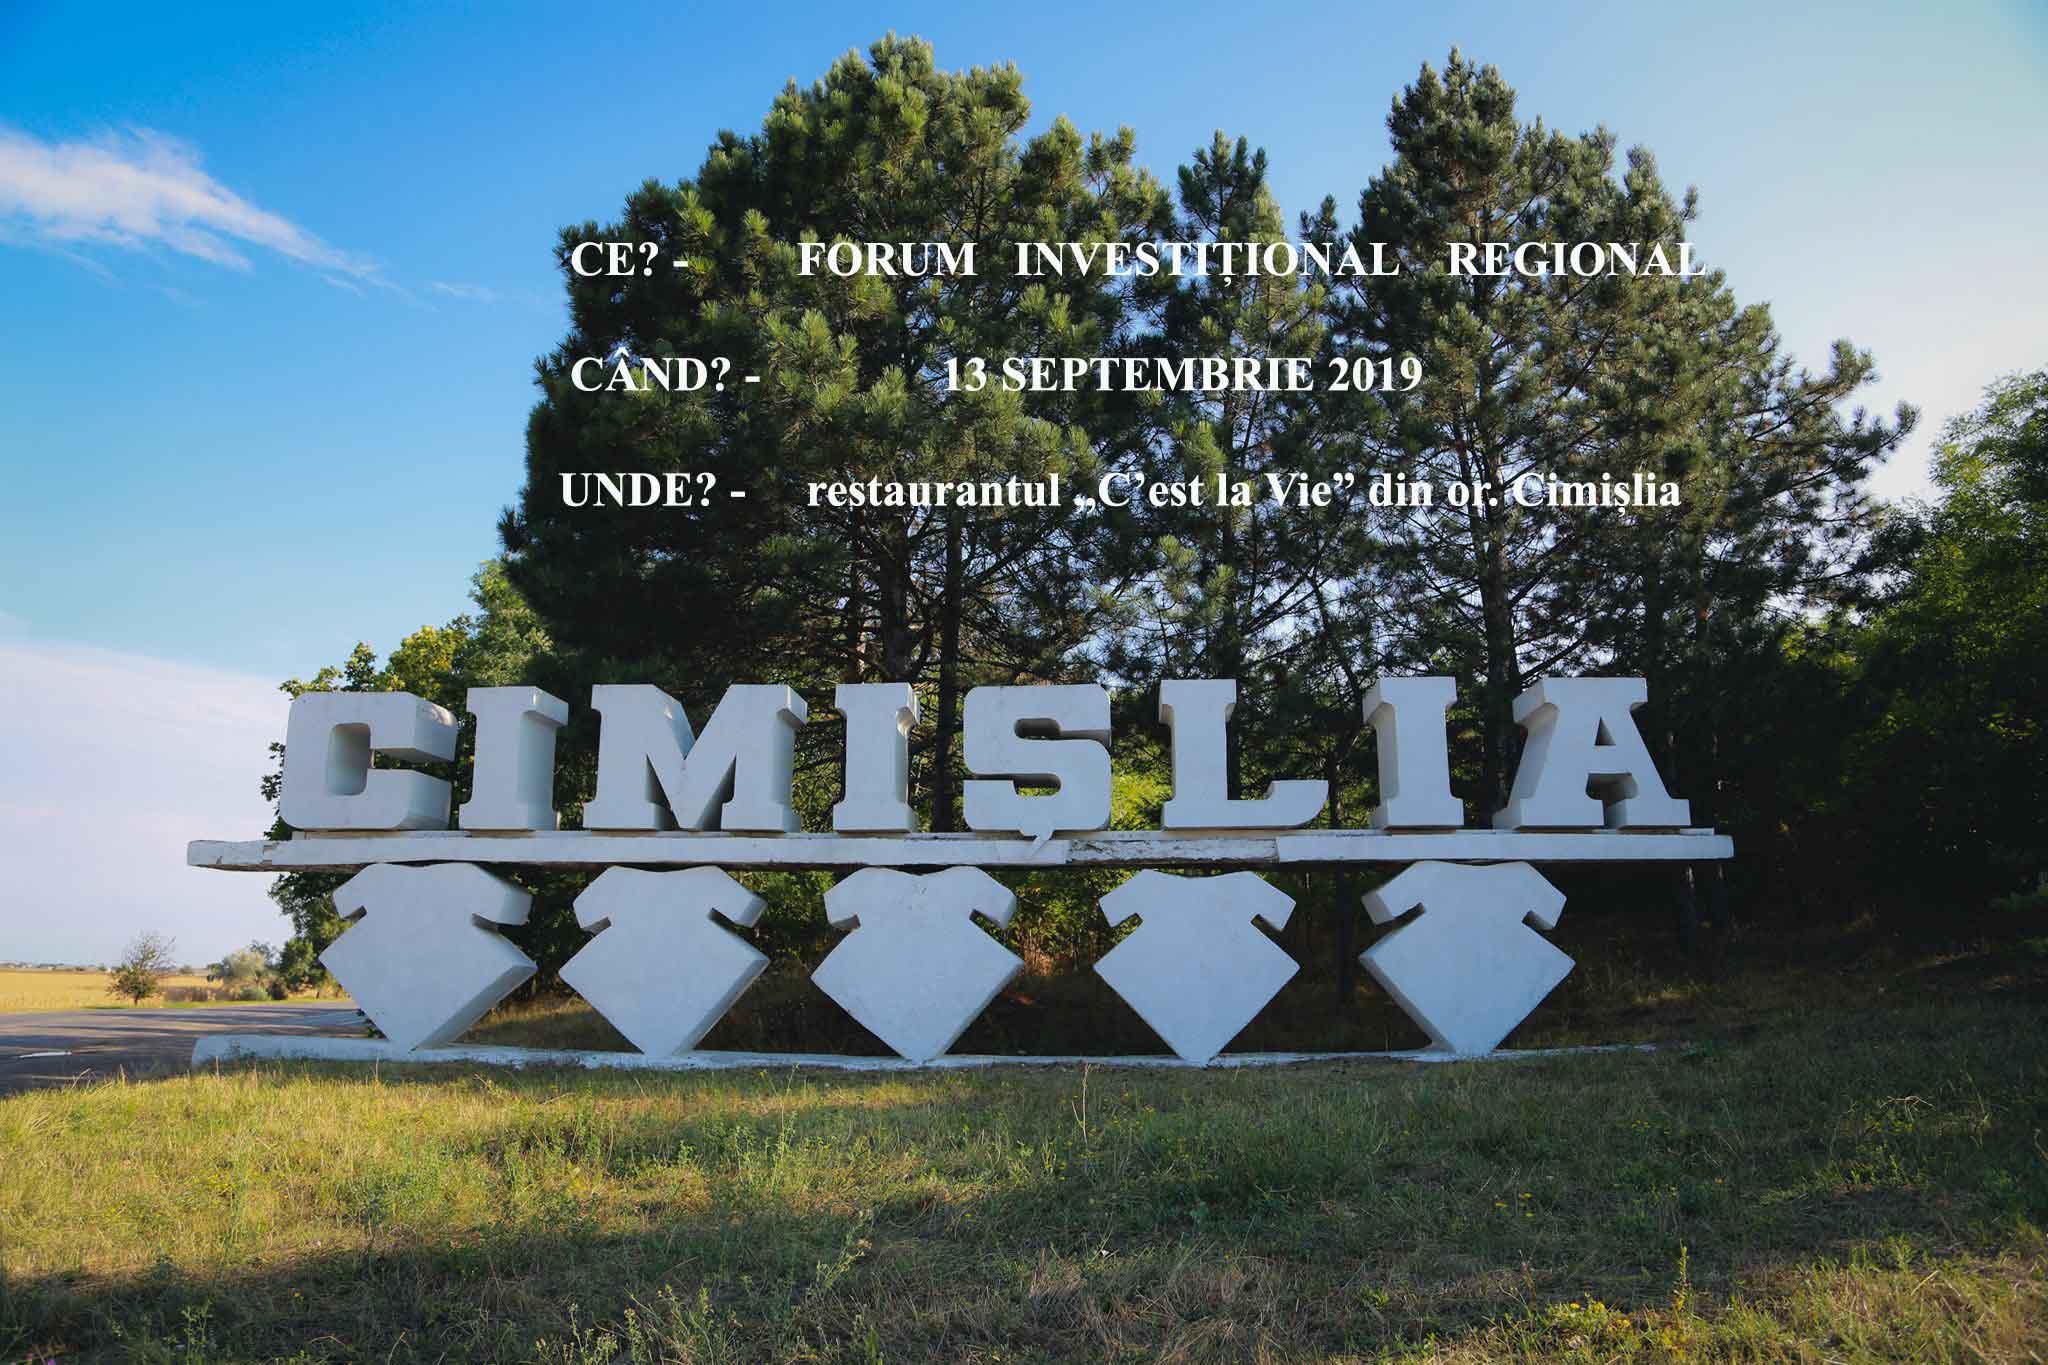 forum investitinal regional